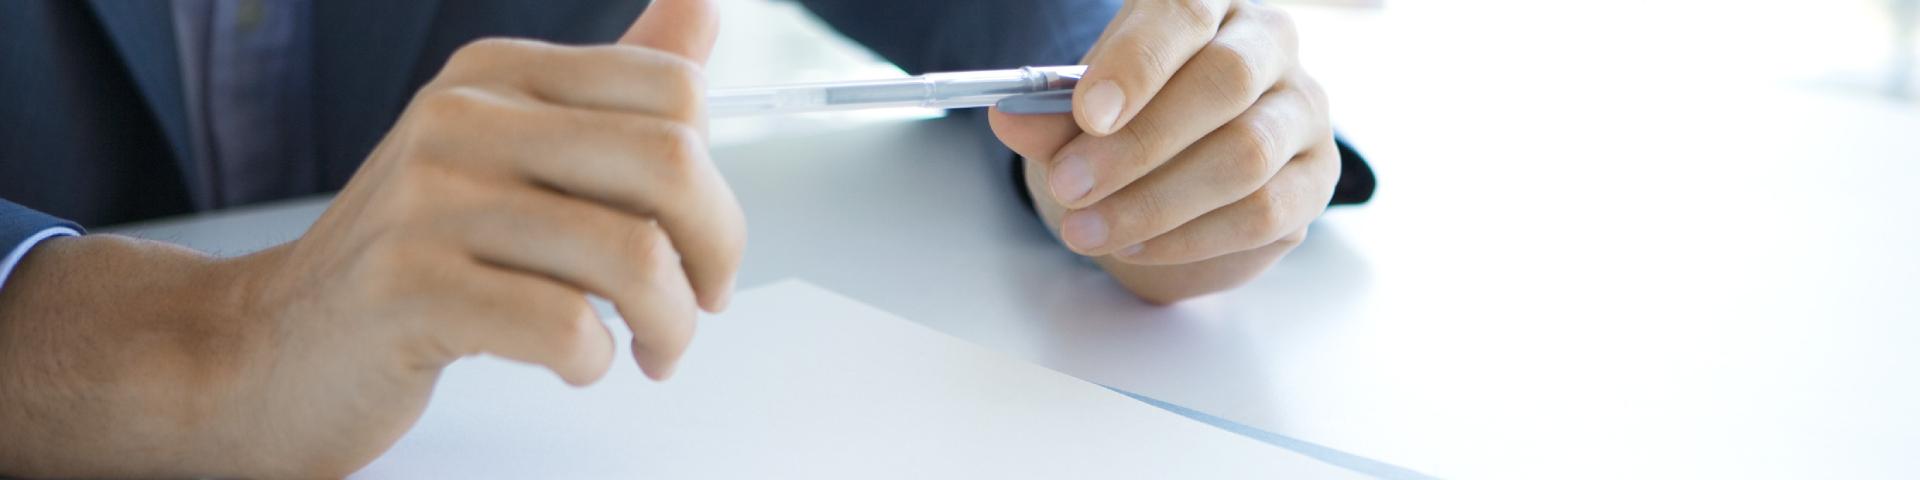 Mann mit Kulli in der Hand macht sich Gedanken über die Satzung sowie den Geschäfts- und Offenlegungsbericht